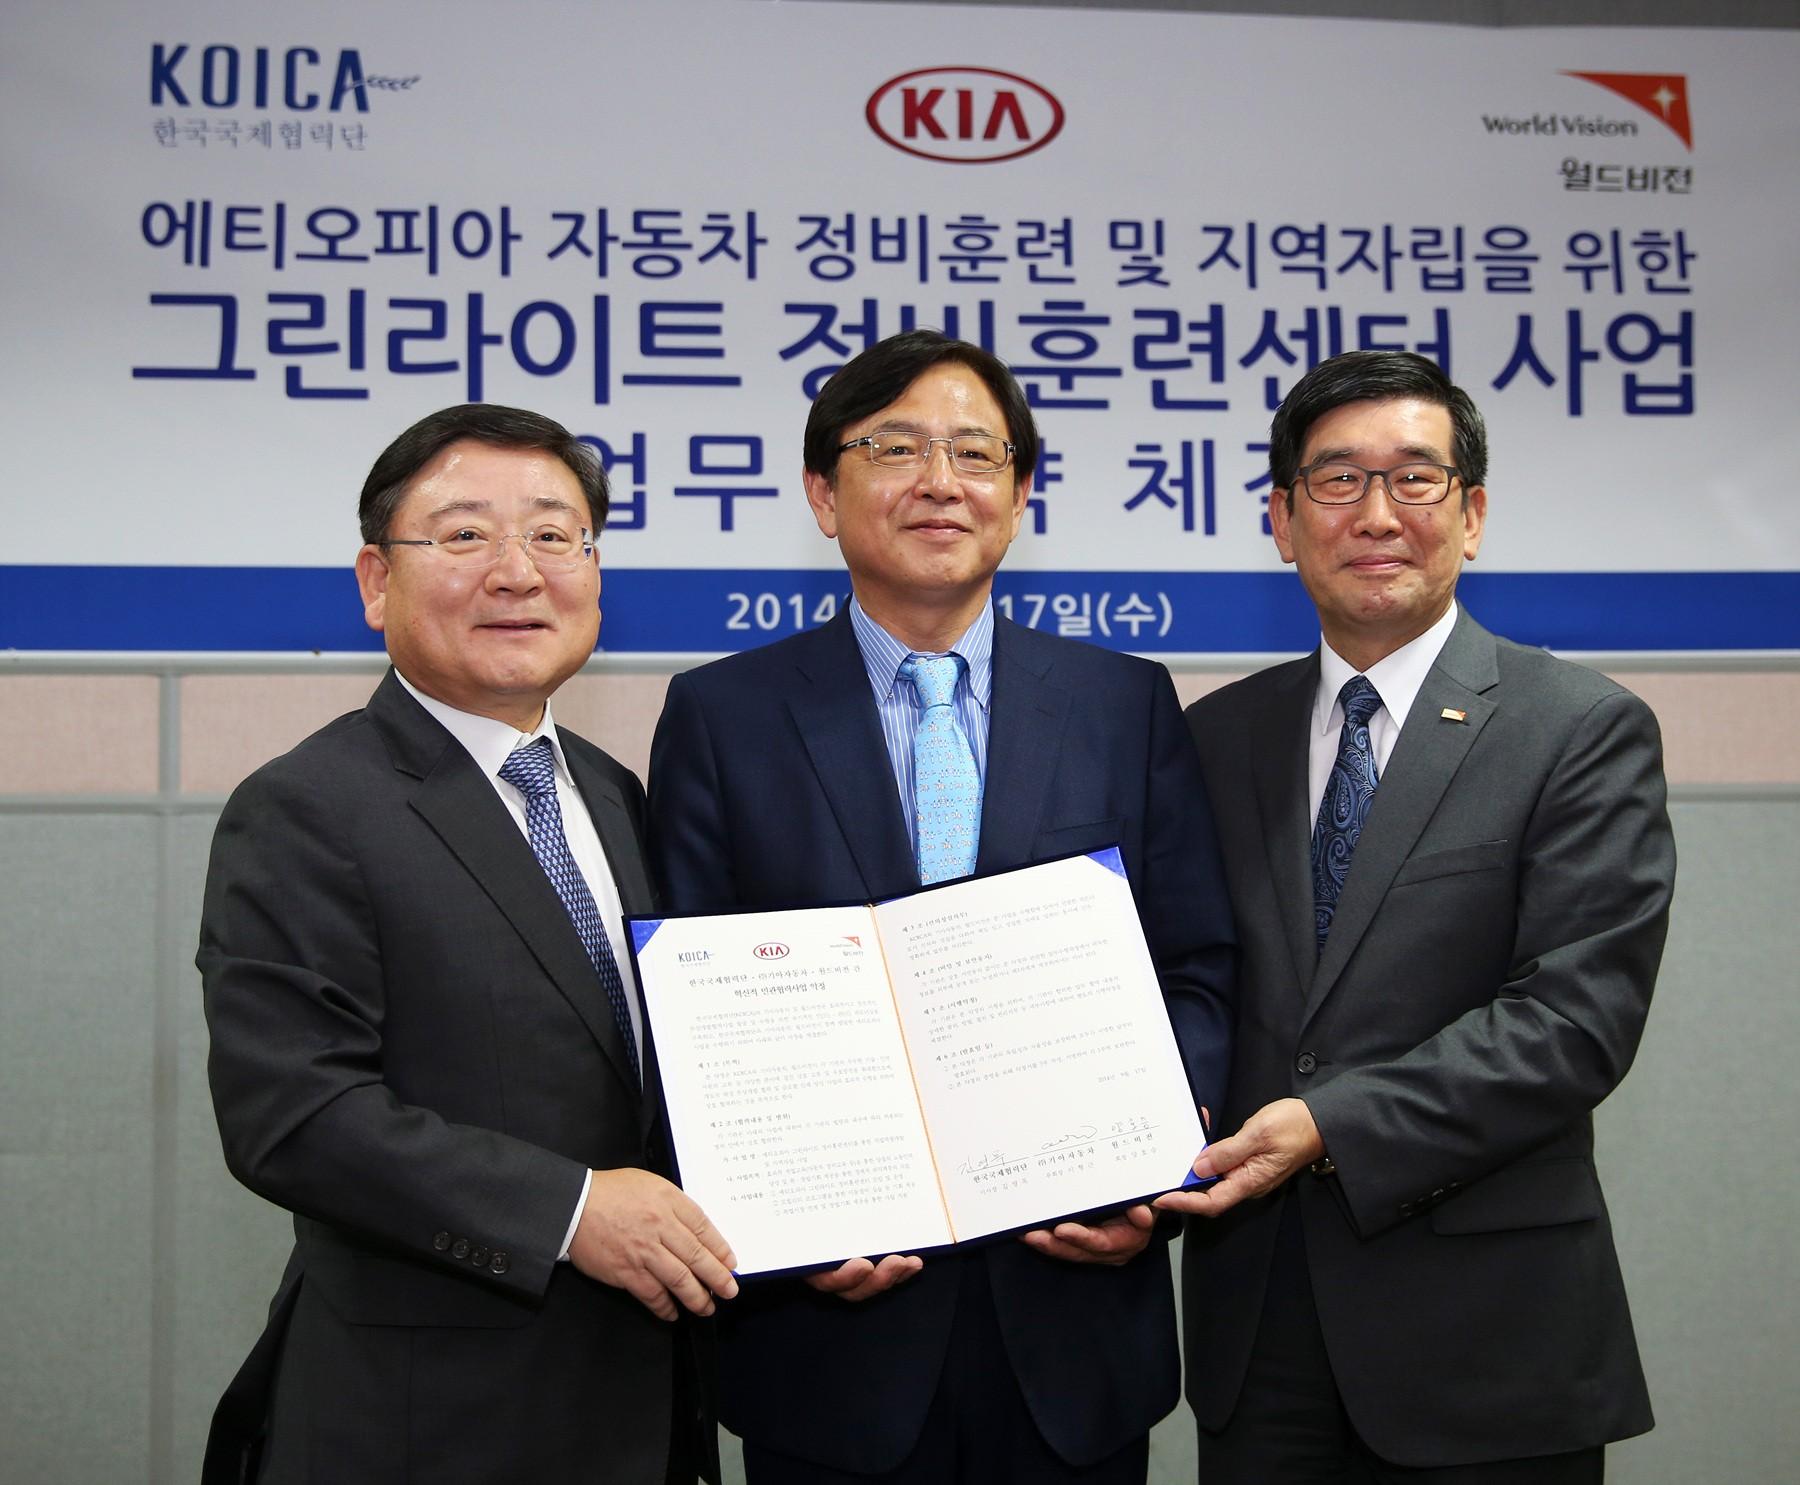 기아차-국제협력단 업무 협약